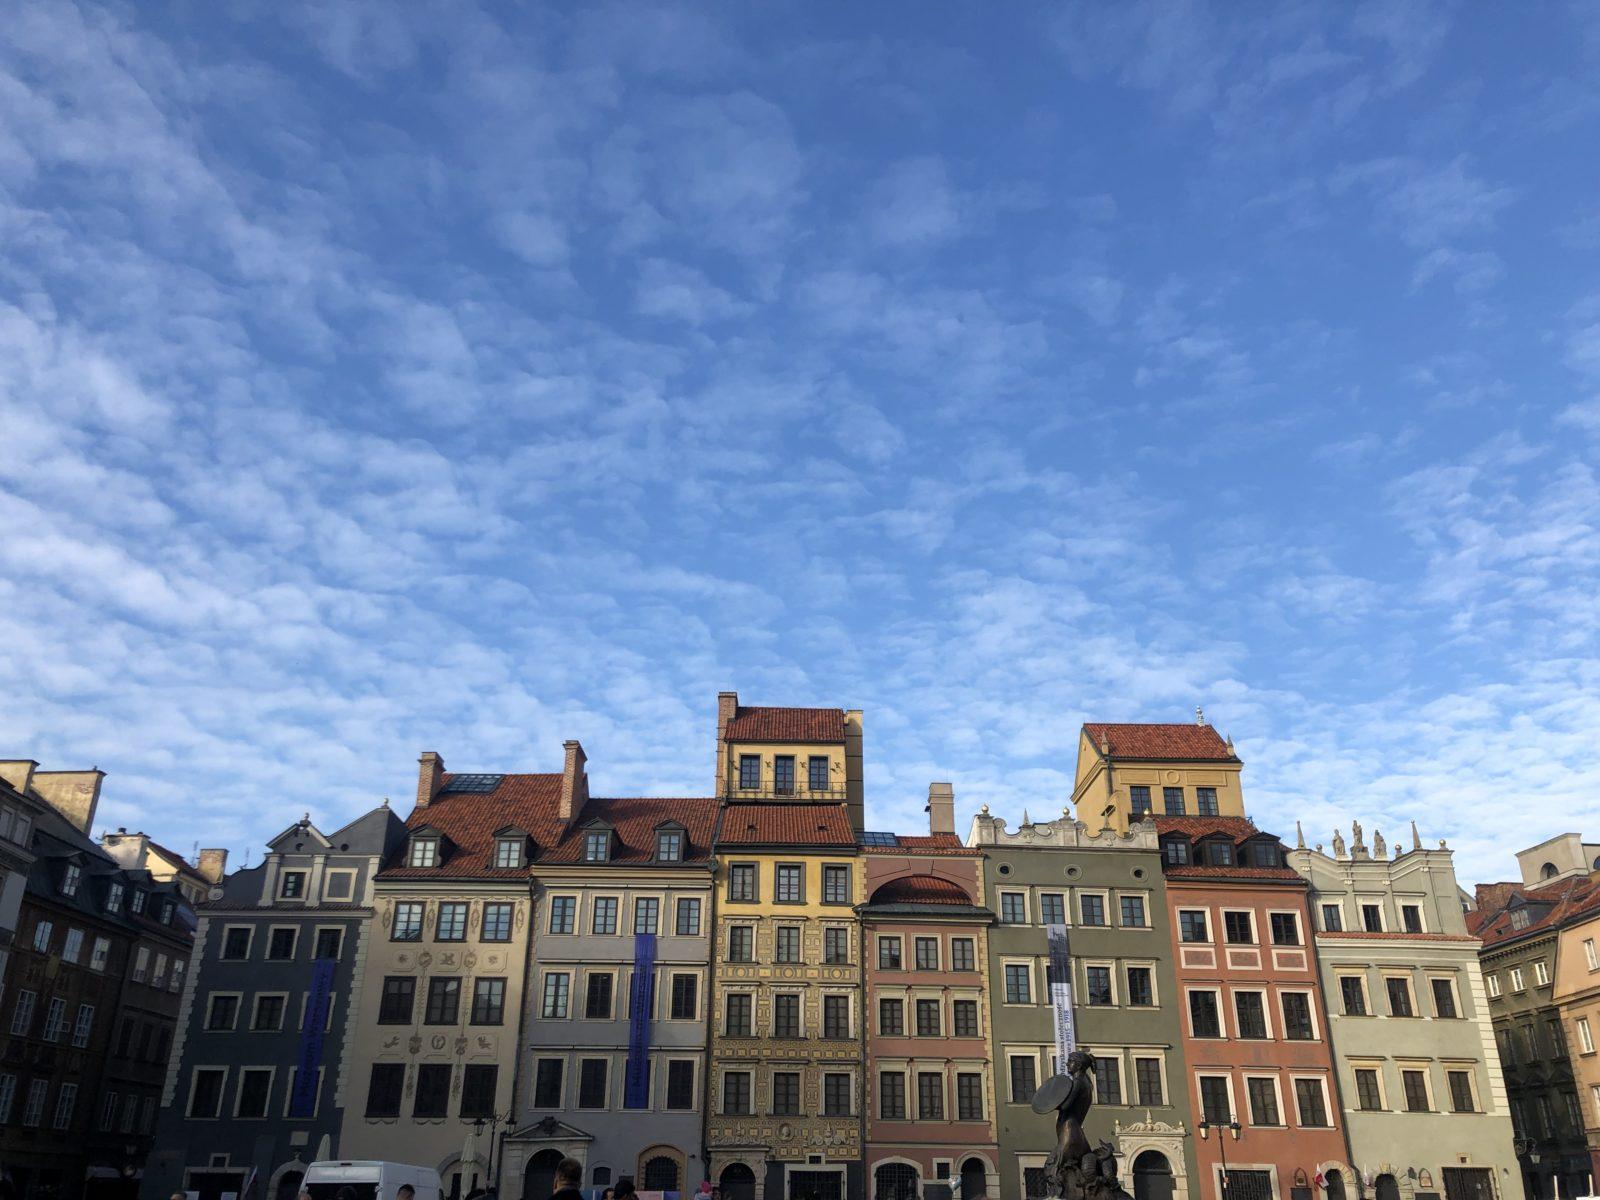 Başta Soğuk Ama Girince Alışıyorsun: Varşova Gezi Rehberi